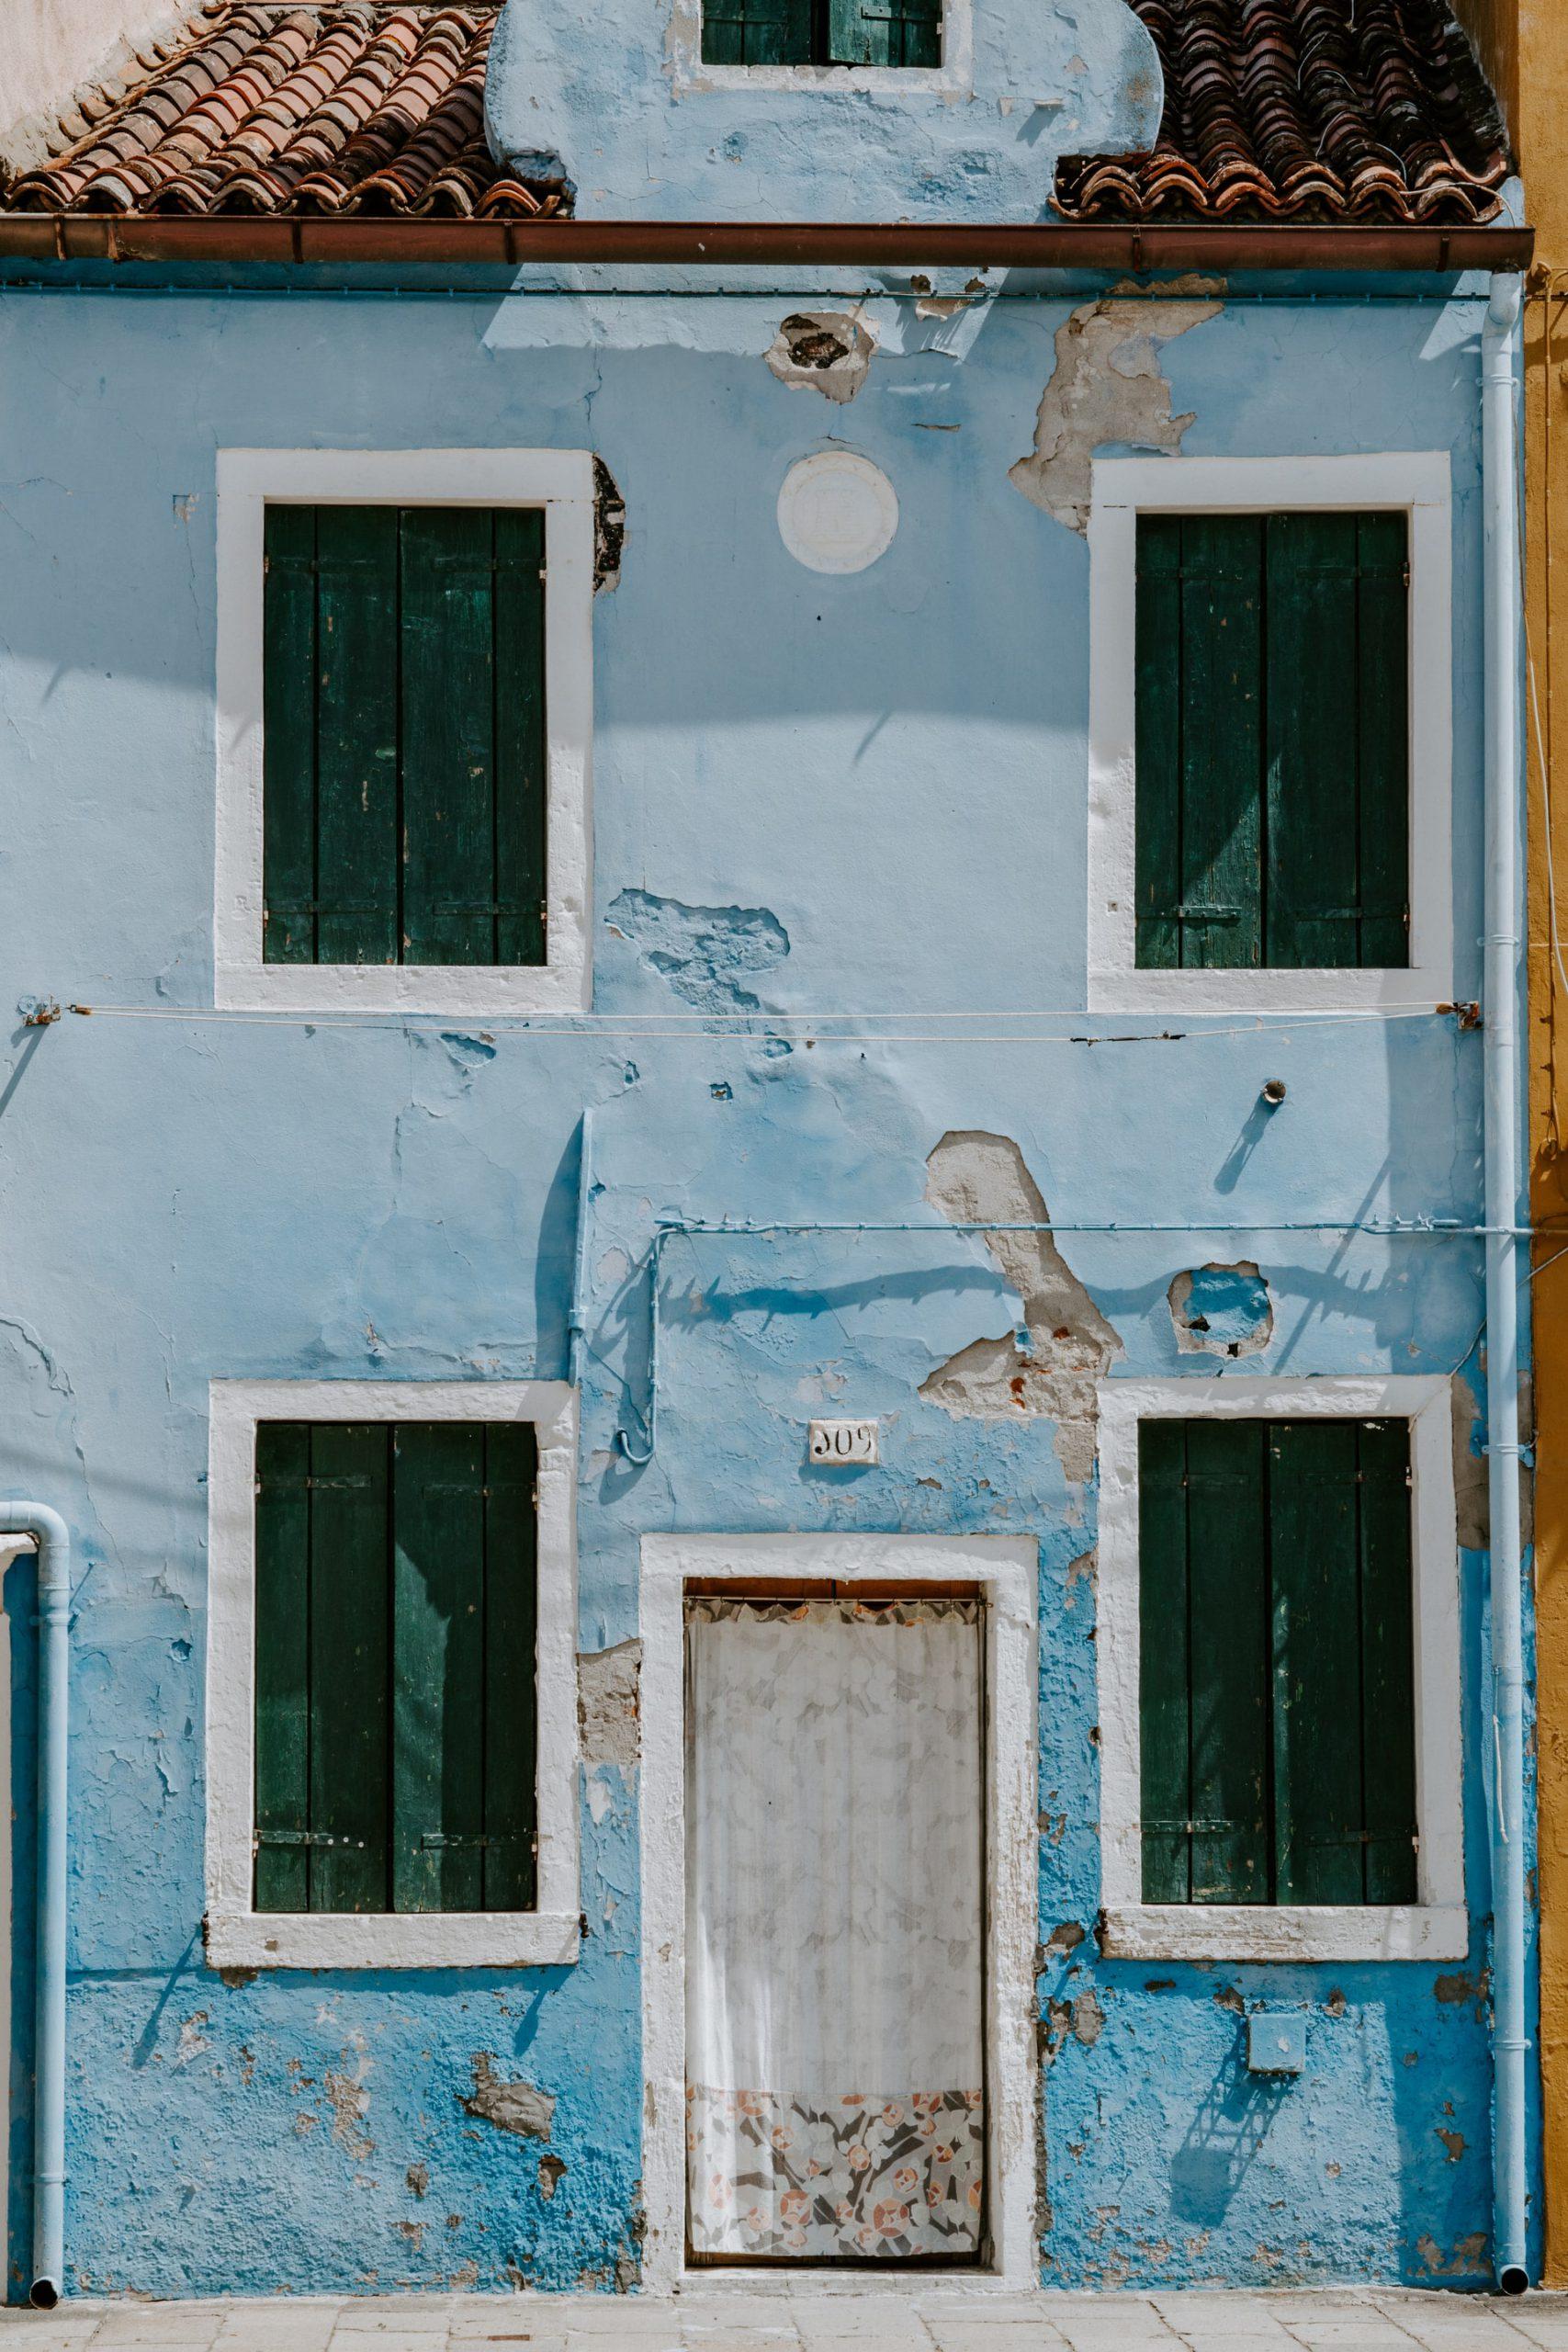 blauw huis met afgebladderde verf